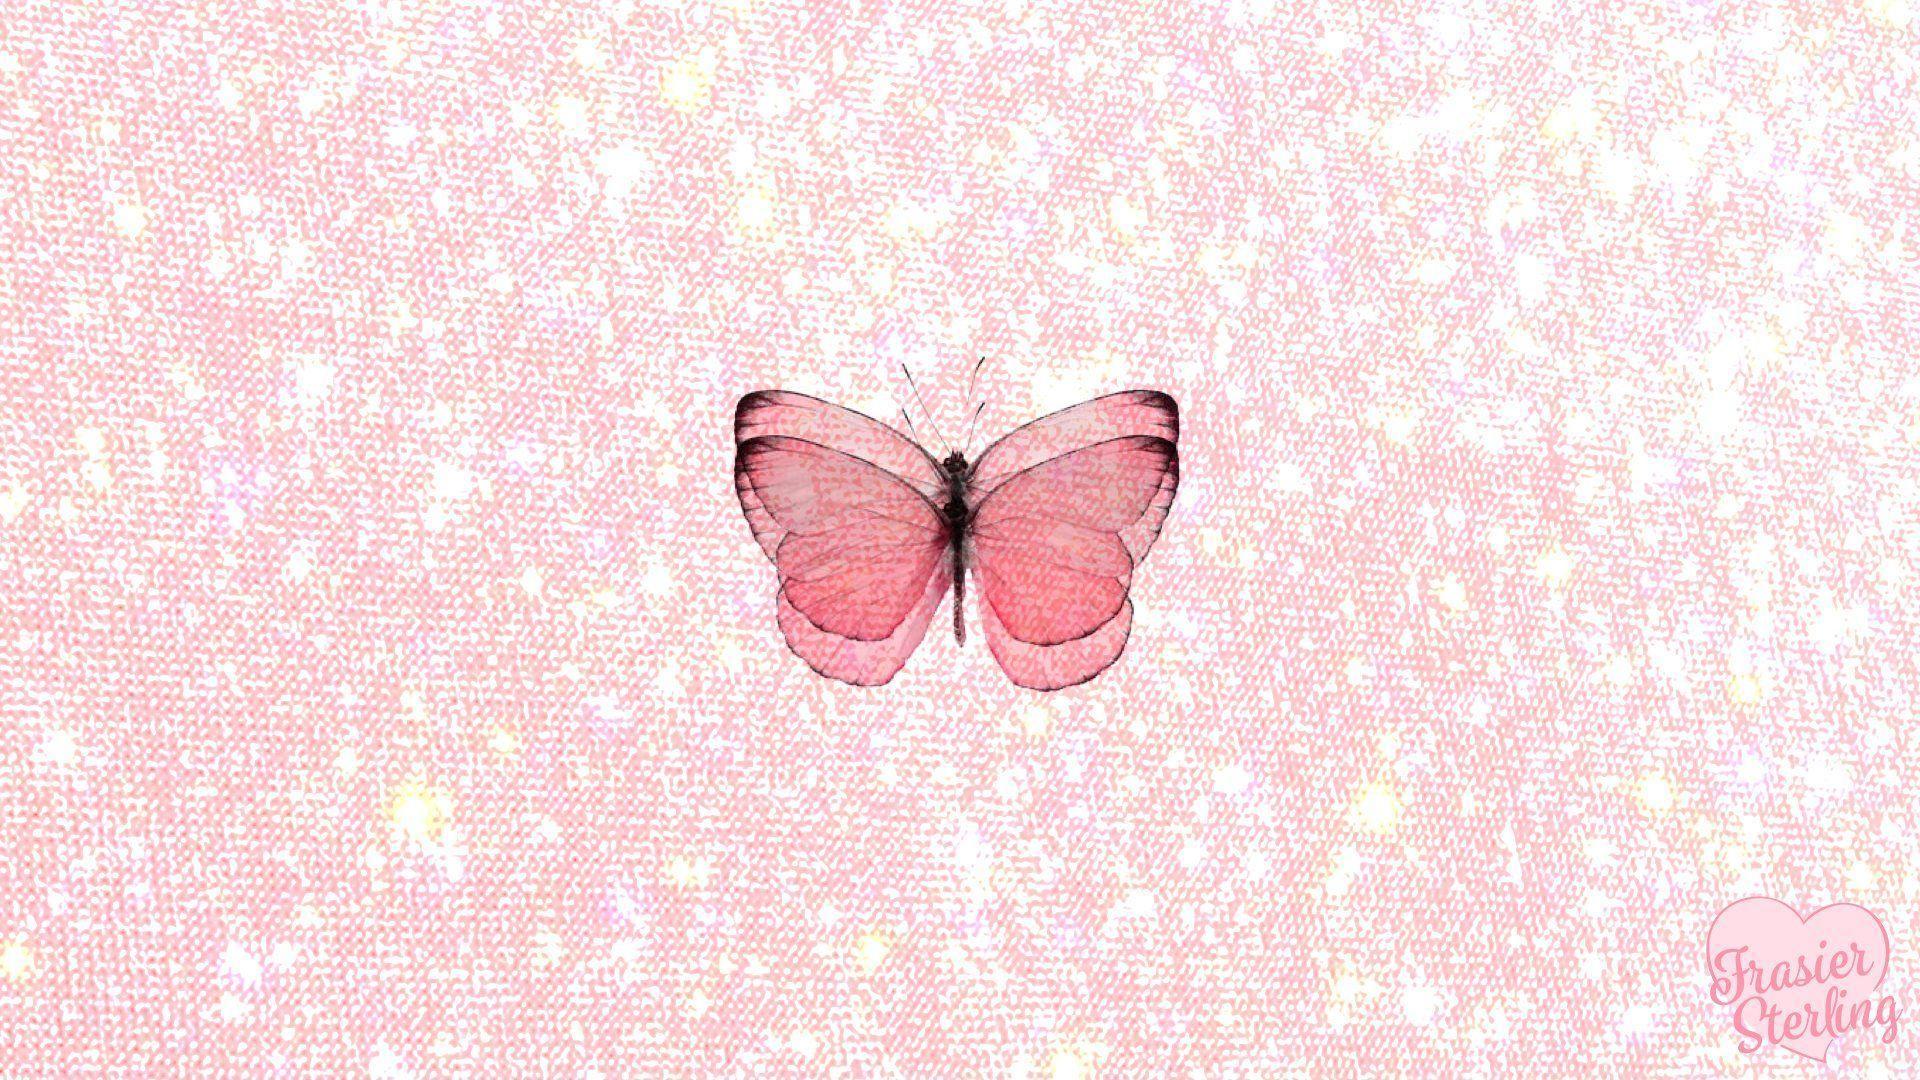 Hình nền 1920x1080.  FrasierSterling.  Hình nền laptop màu hồng, Hình nền laptop dễ thương, Hình nền máy tính thẩm mỹ